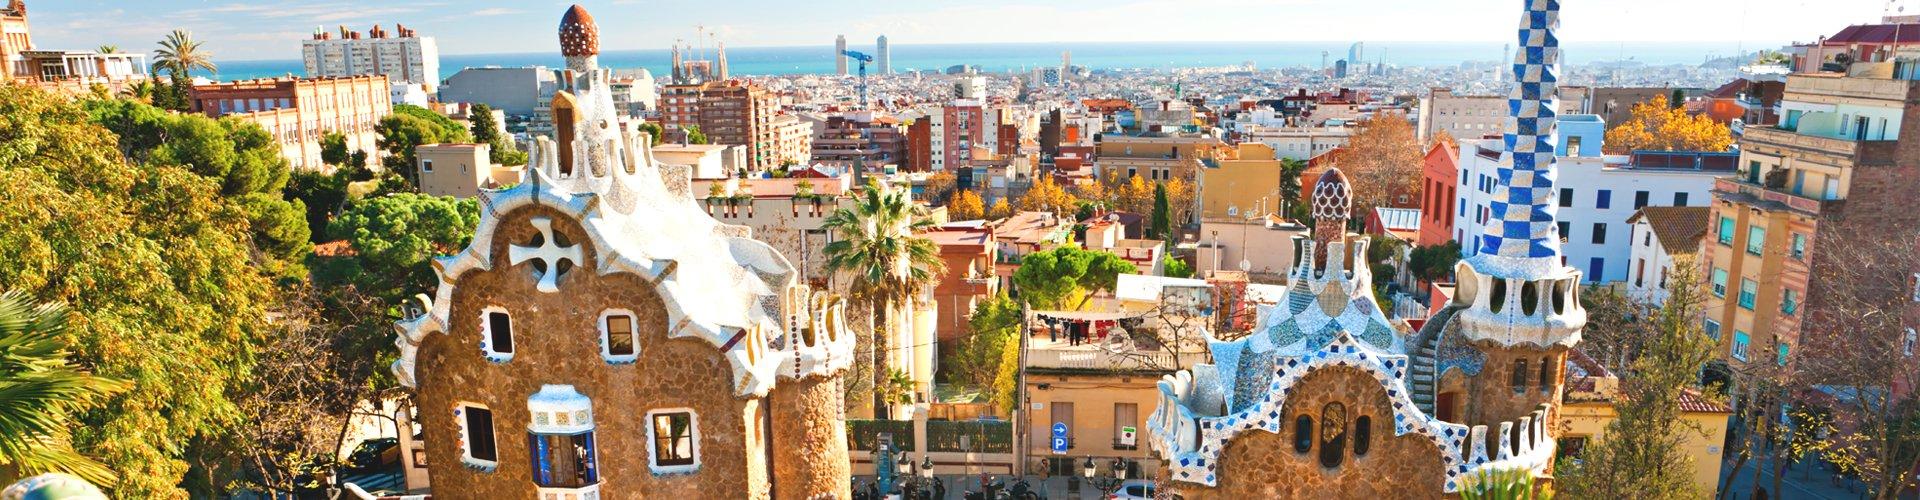 Barcelona overzicht, Spanje